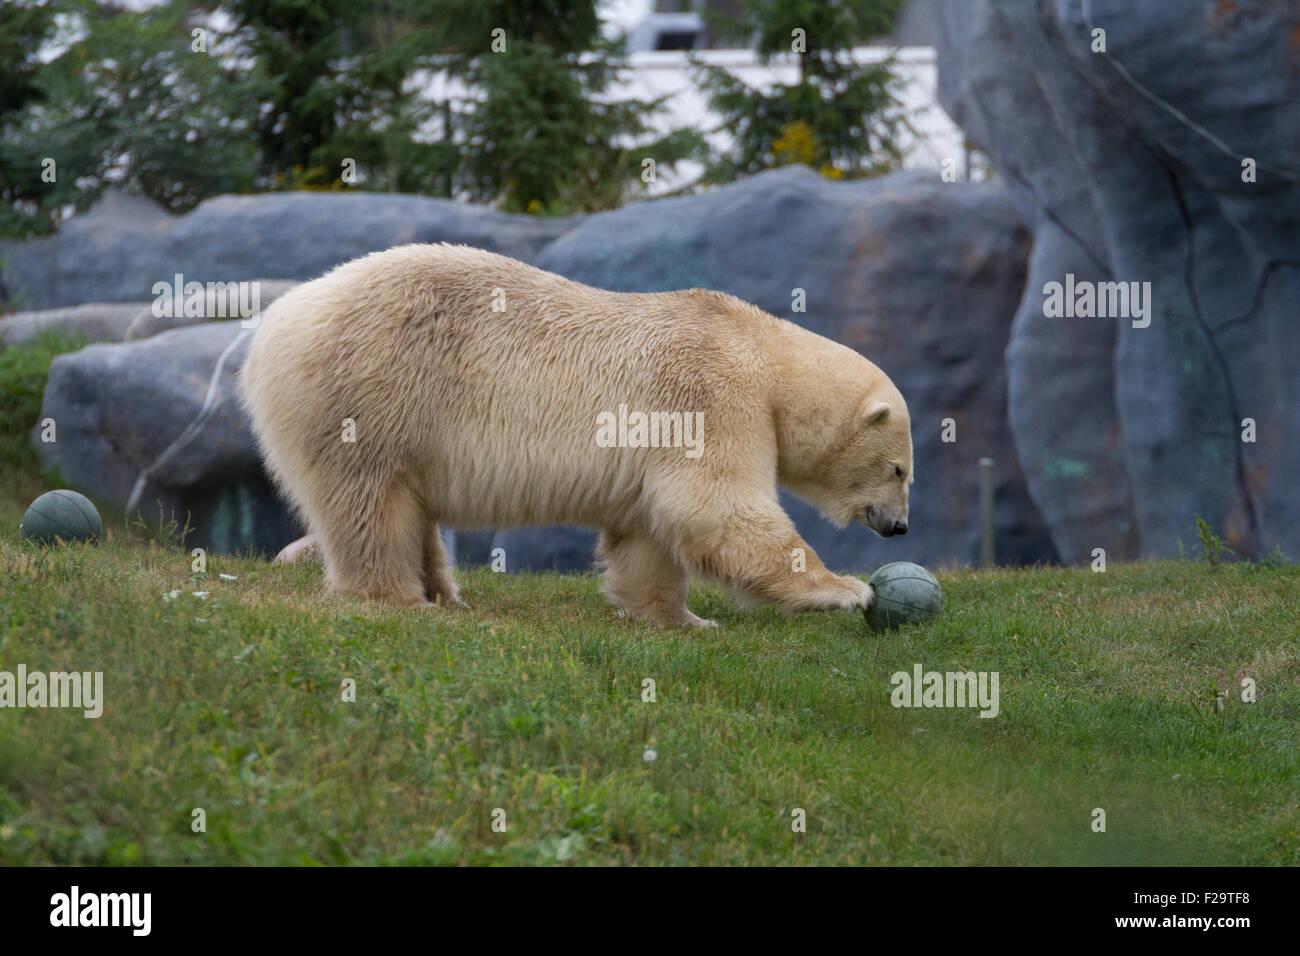 Toronto Zoo orso polare giocare all'aperto di erba Immagini Stock